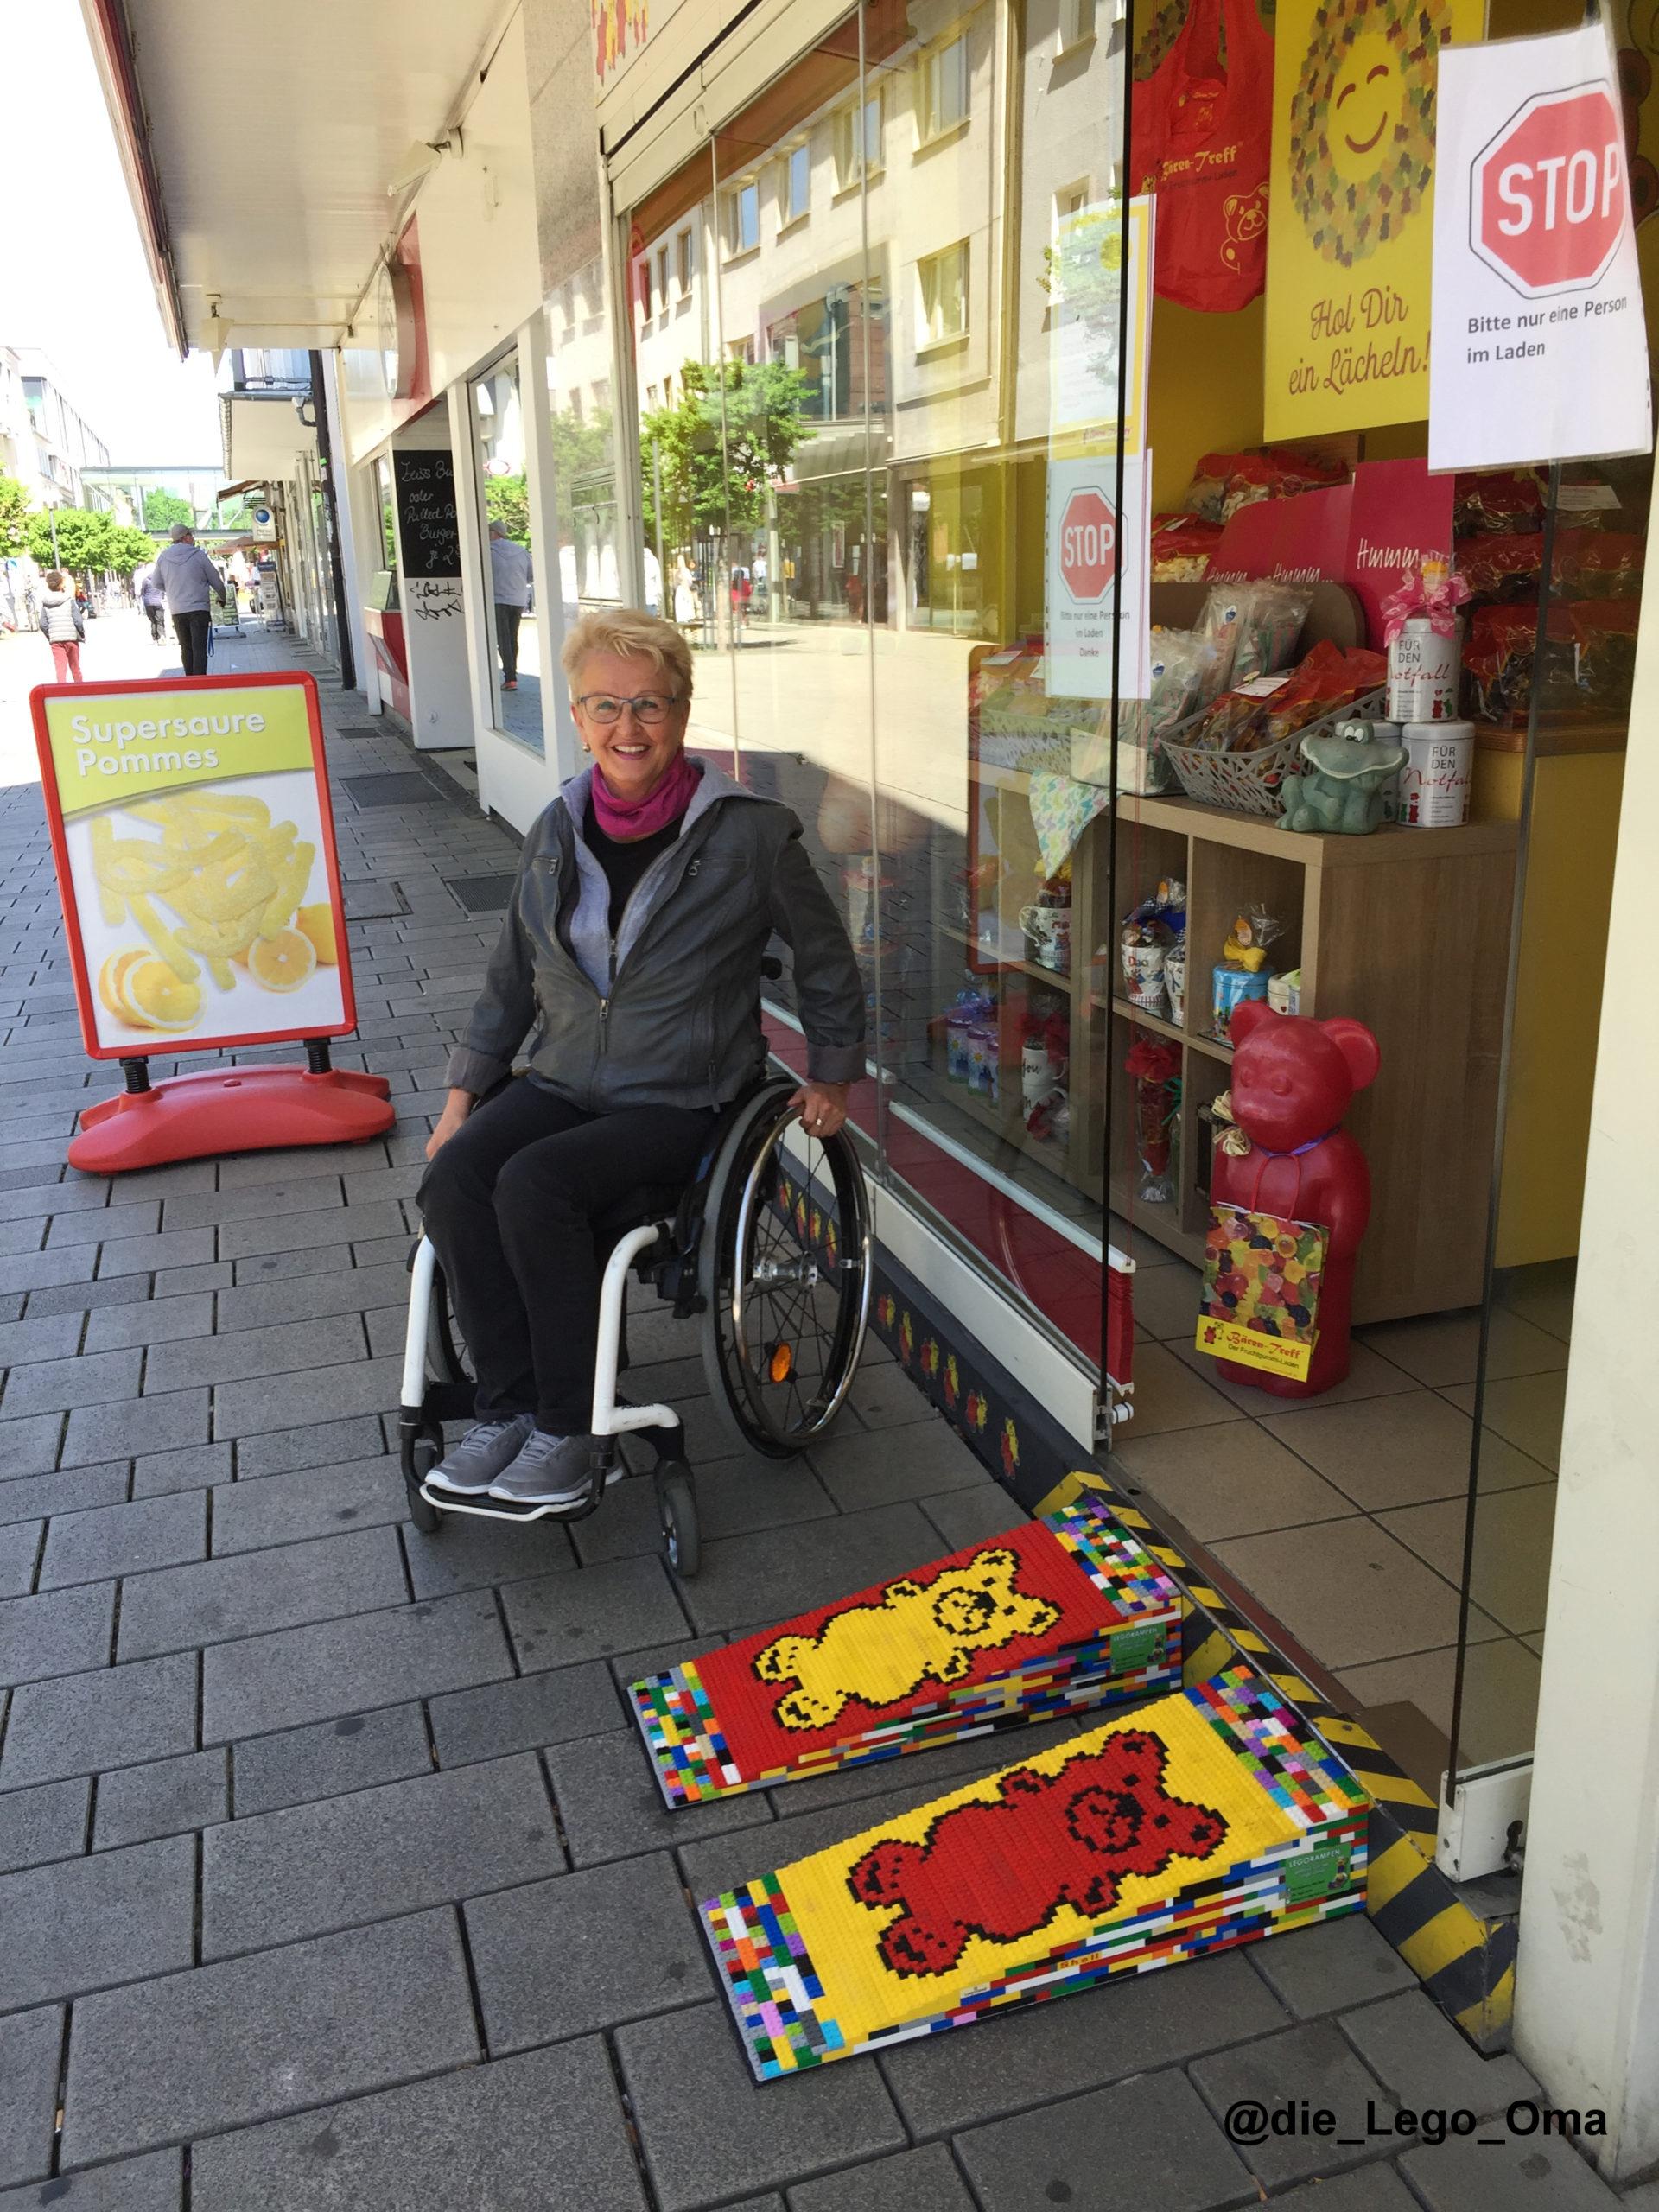 Eine ältere Frau sitzt im Rollstuhl vor einem Gummibärchen-Laden. Daneben sieht man den Eingang. Vor dem Eingang stehen zwei Legorampen im Design des Ladens.